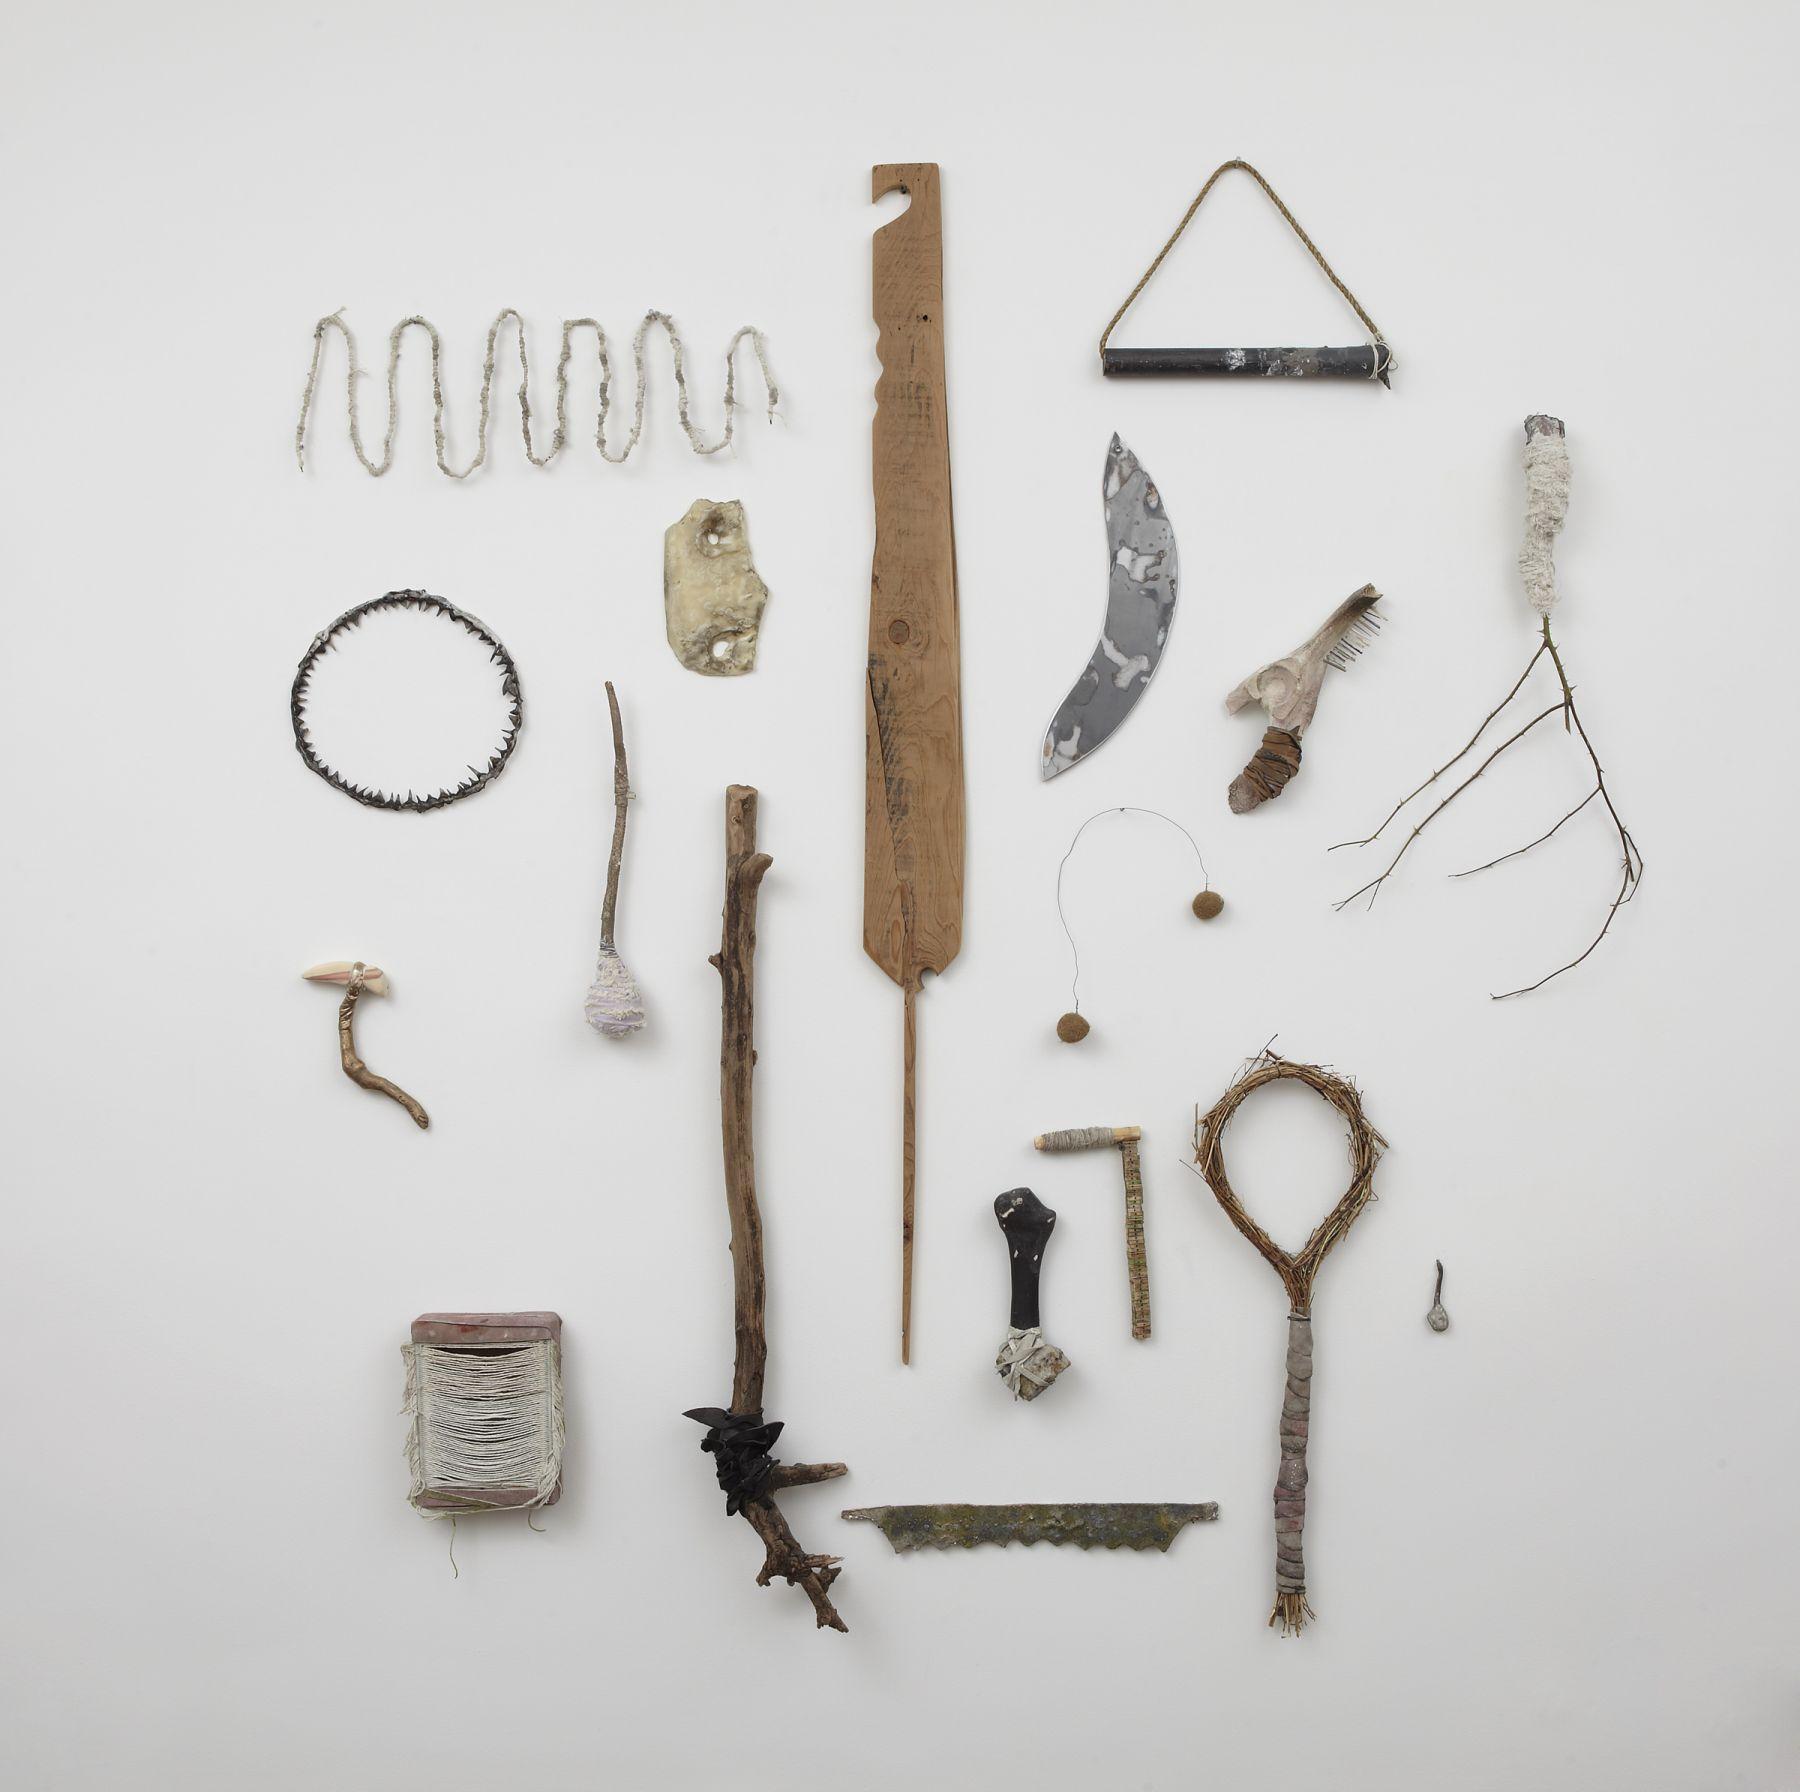 Jay Heikes, No Age, 2012